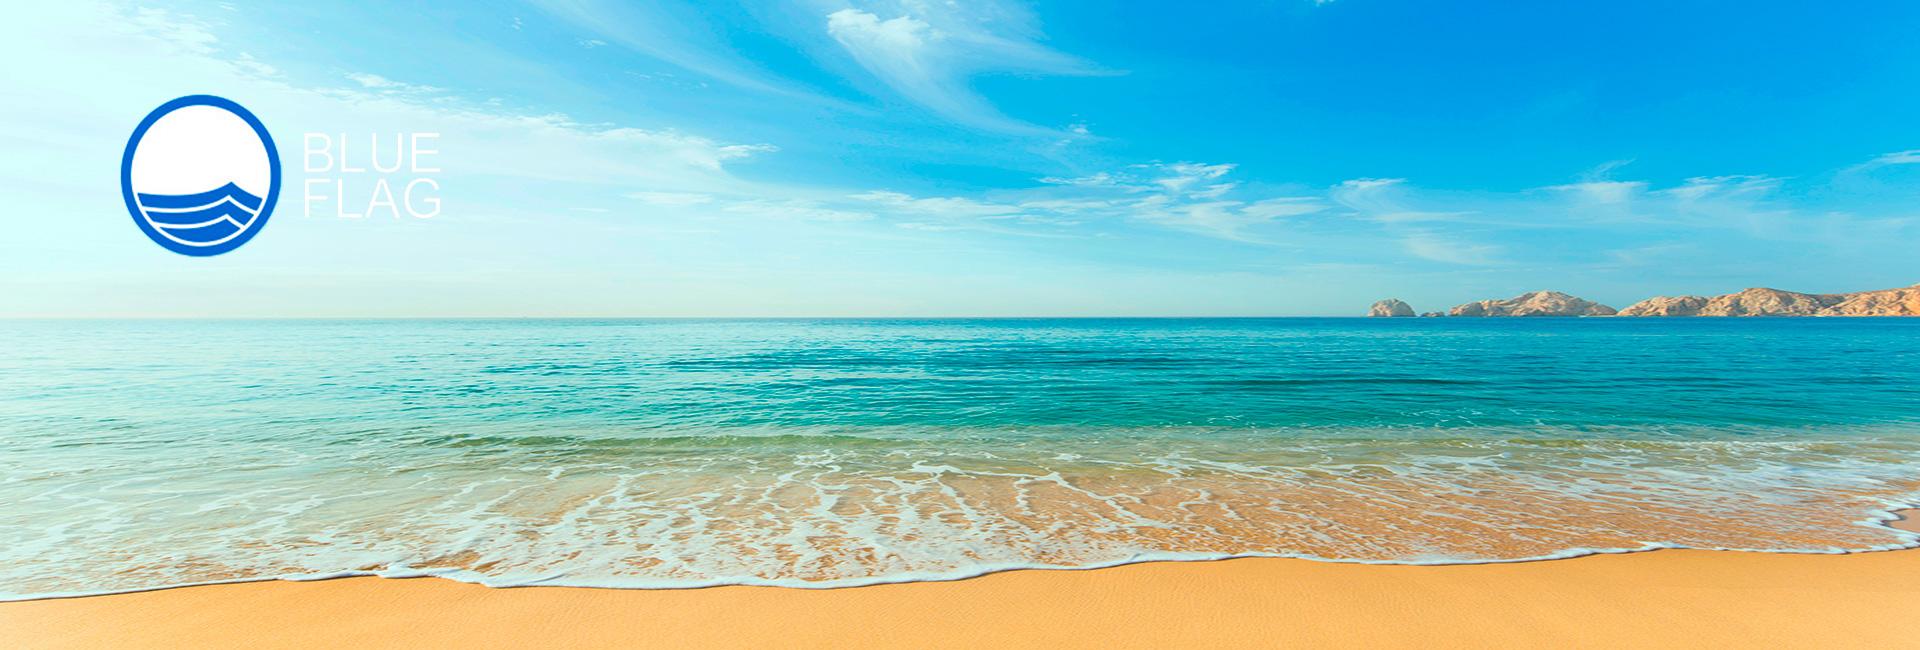 Villa La Estancia Los Cabos Beach